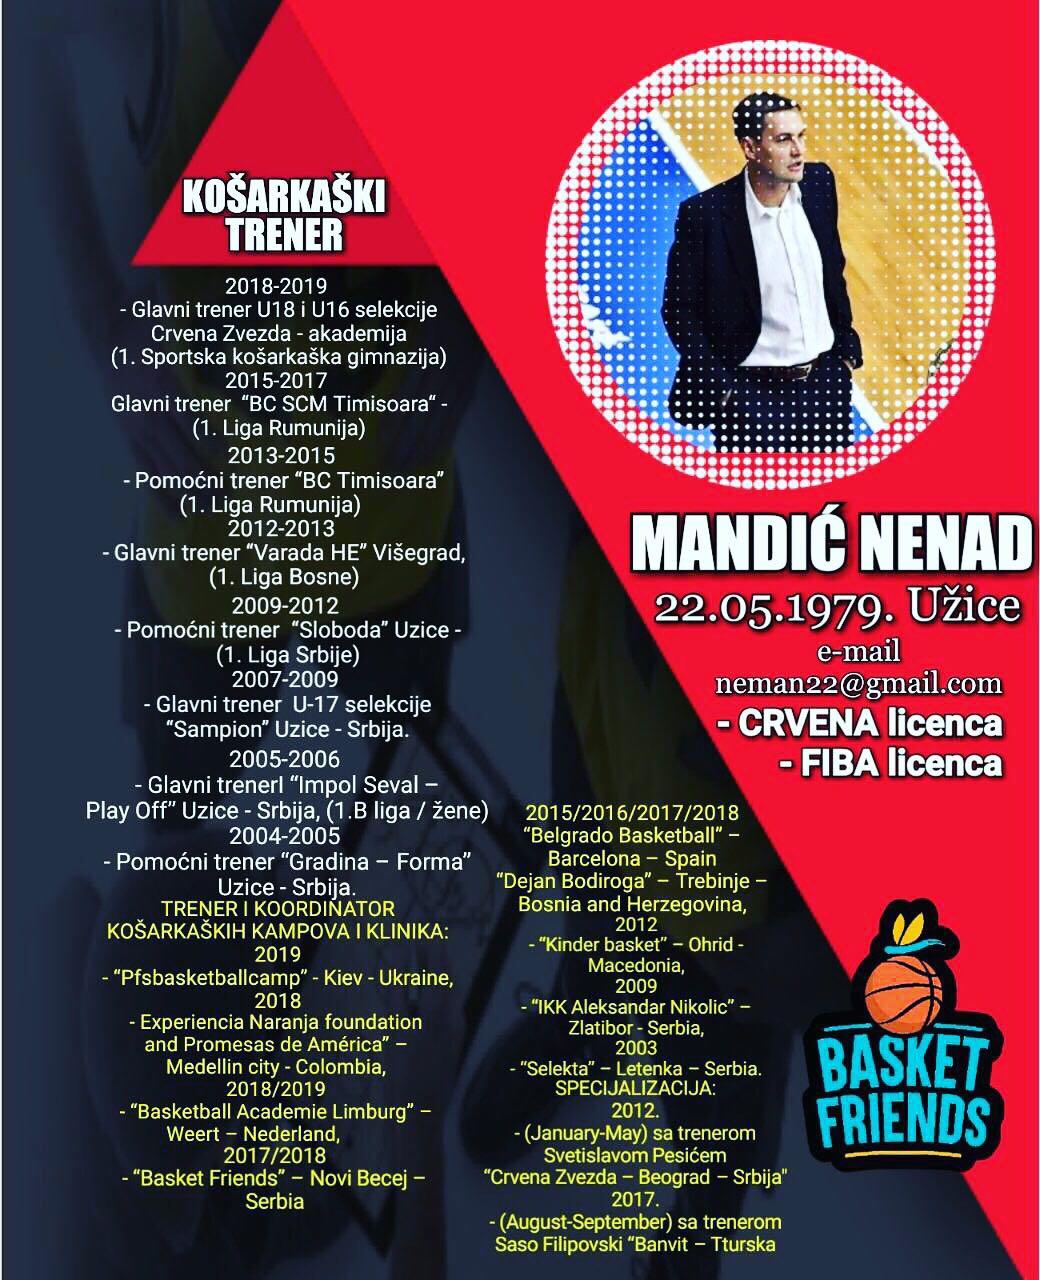 Mandić Nenad